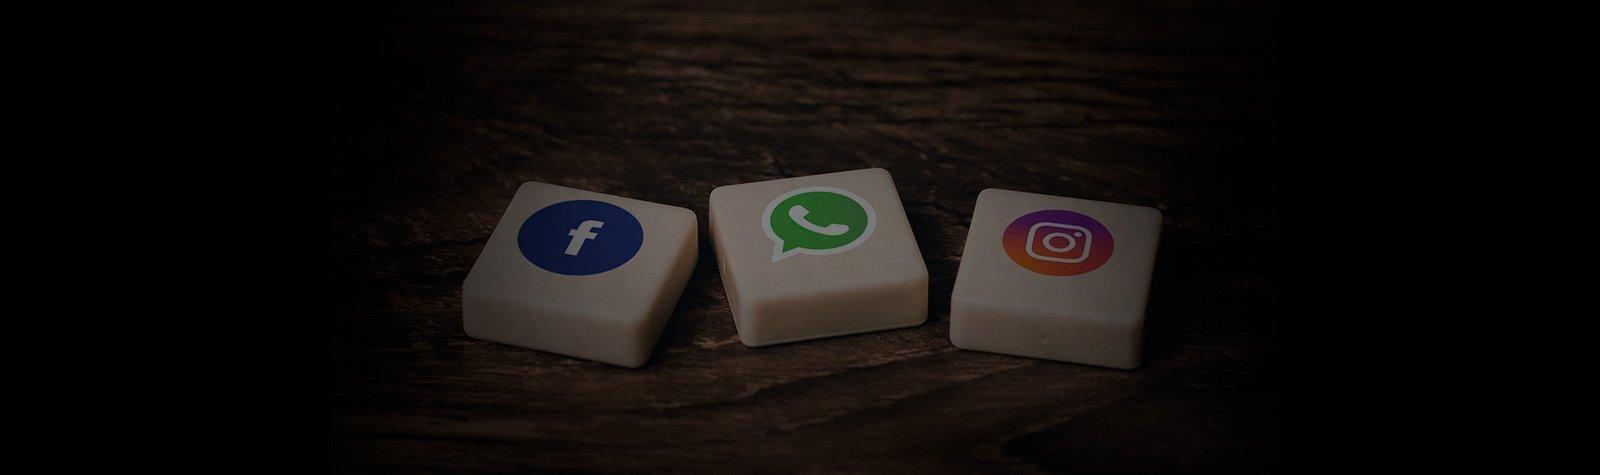 Apagão das redes sociais atinge pessoas por todo o mundo